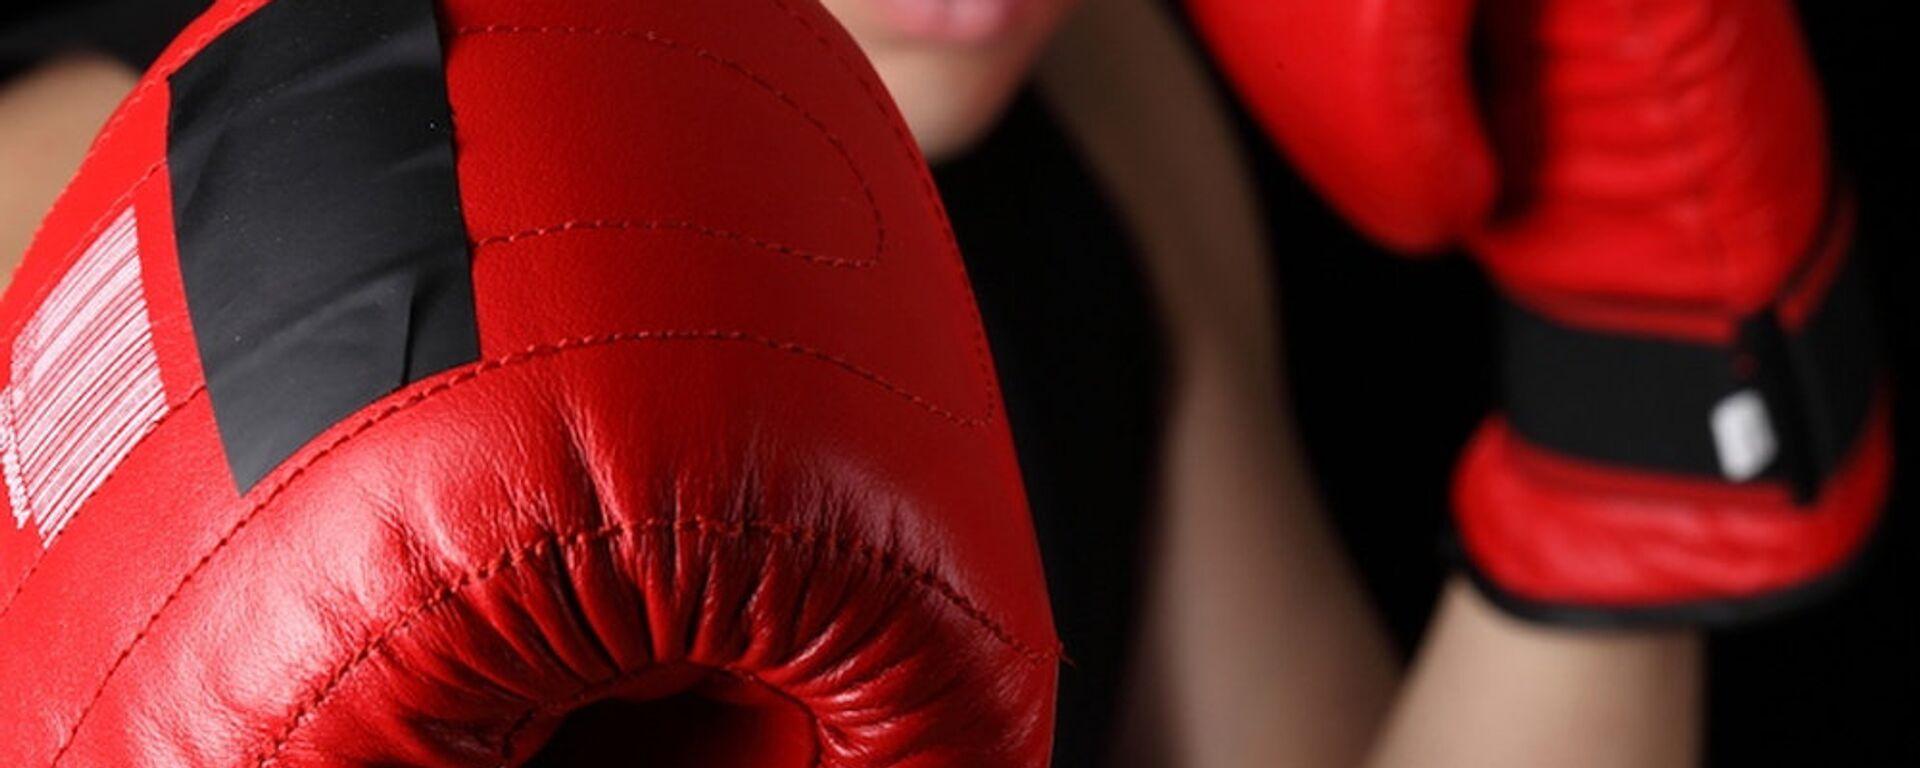 Бокс, боксерские перчатки - Sputnik Ўзбекистон, 1920, 20.09.2021